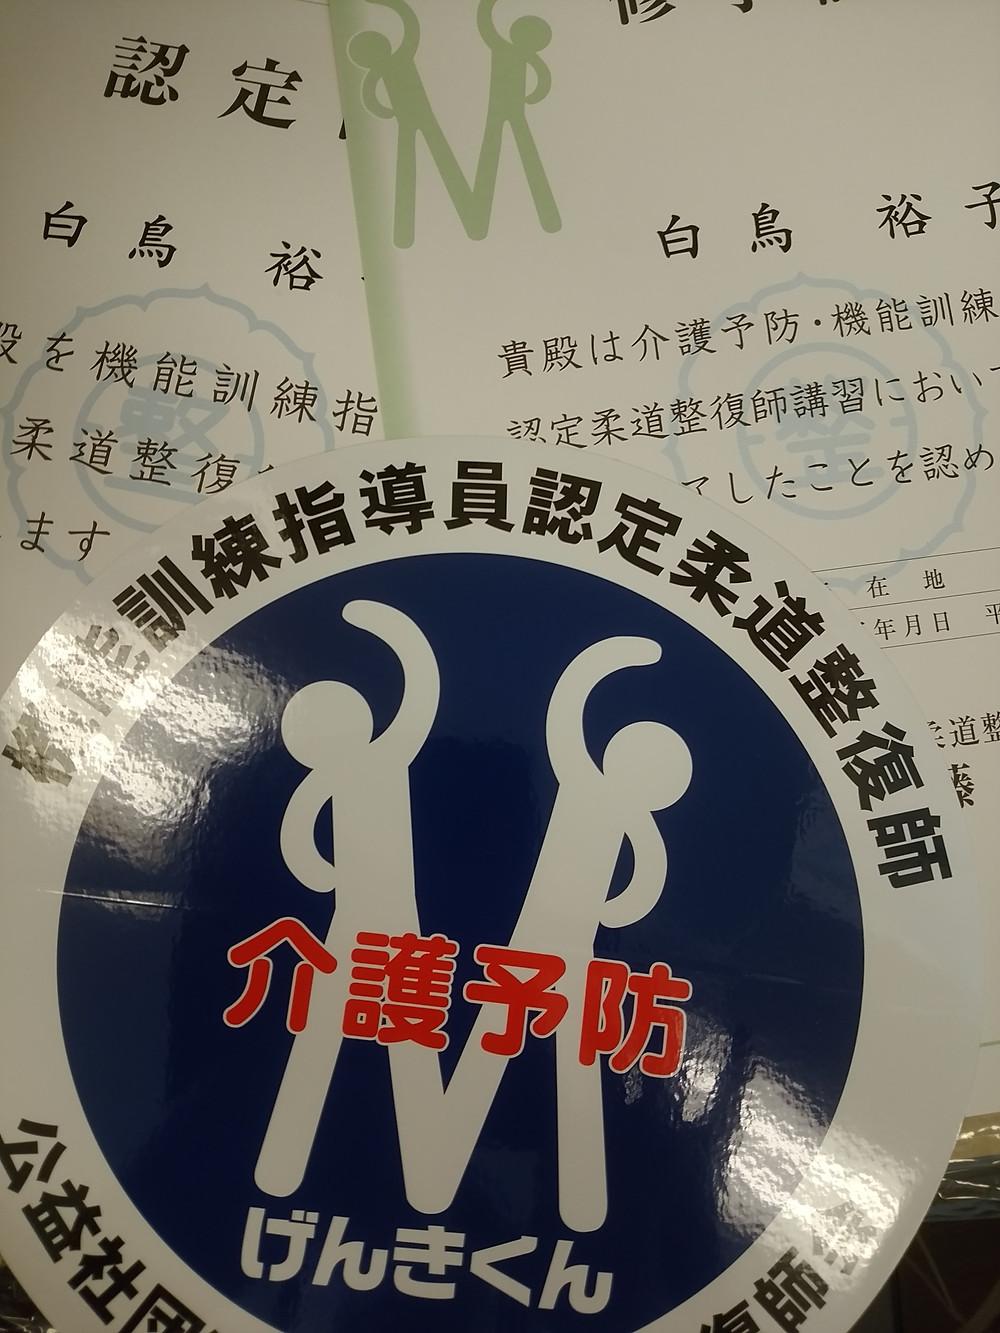 介護予防・機能訓練指導員認定柔道整復師の認定書が届きました。